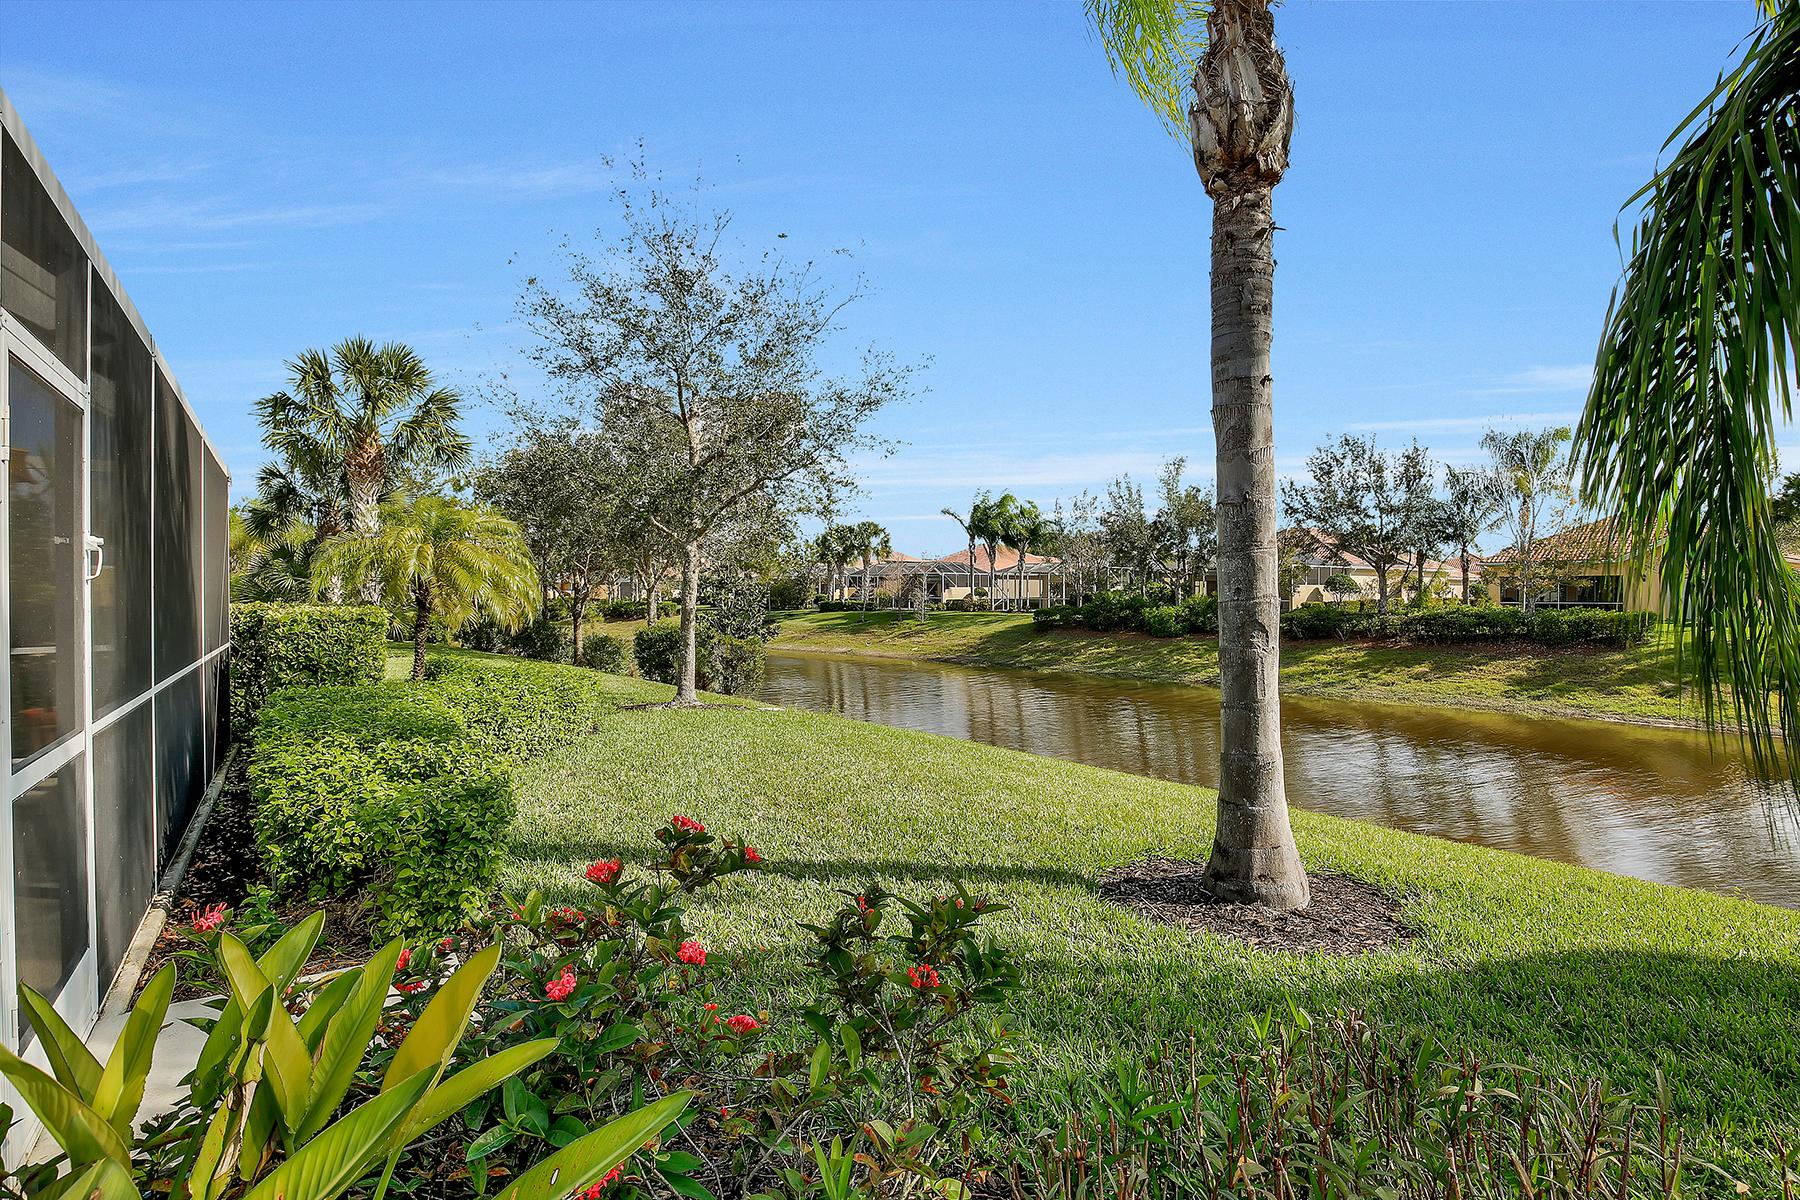 Townhouse for Sale at 28763 Xenon Way , Bonita Springs, FL 34135 28763 Xenon Way Bonita Springs, Florida, 34135 United States